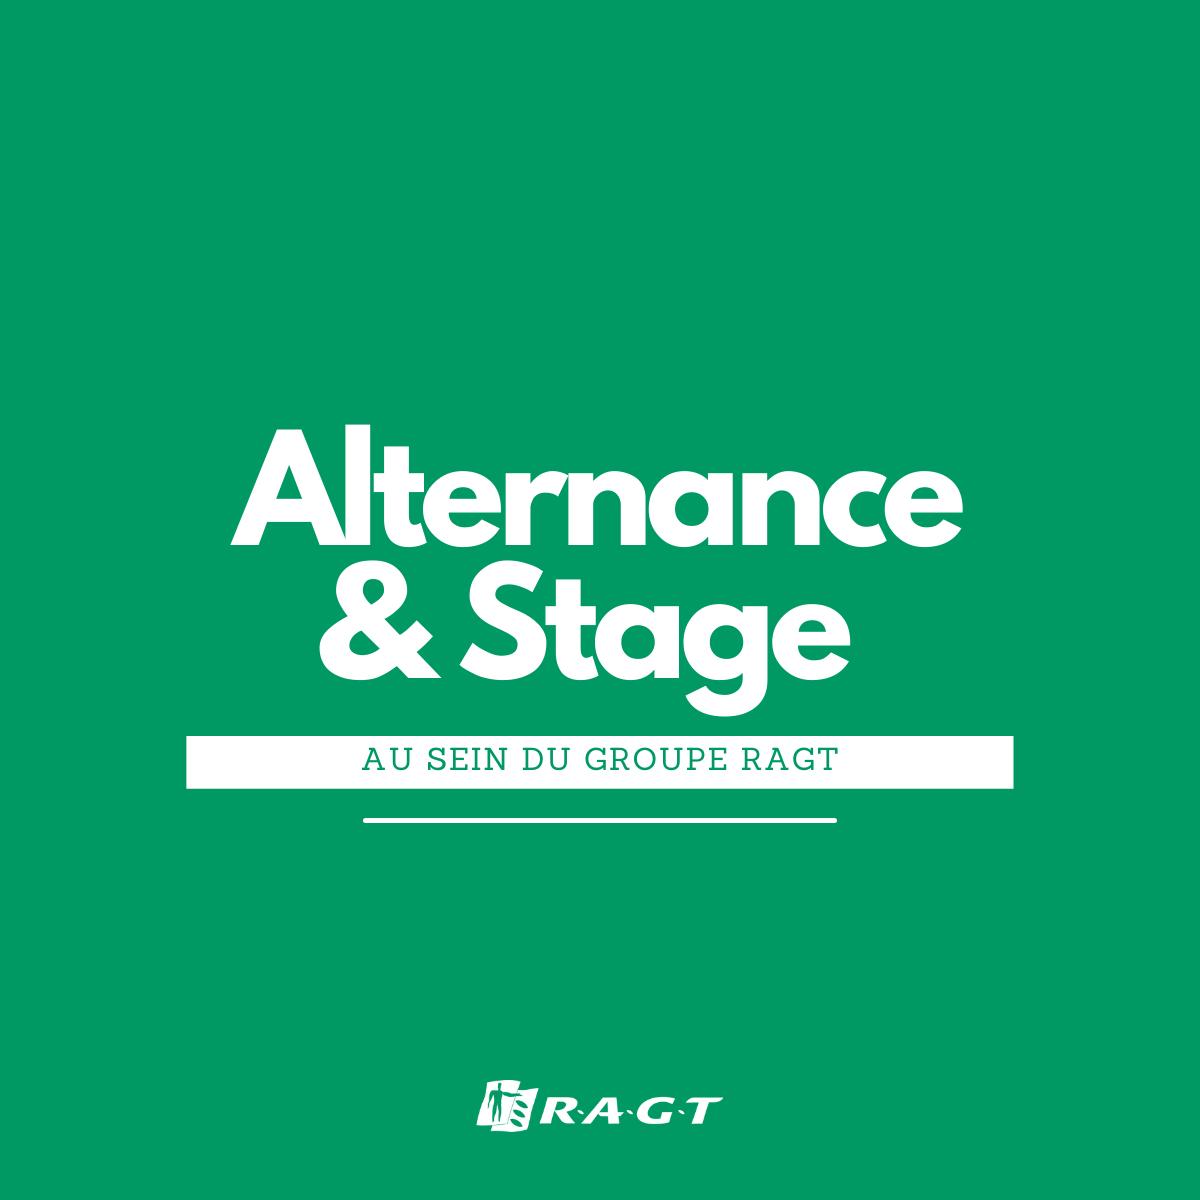 RAGT lance sa campagne Alternance et Stage